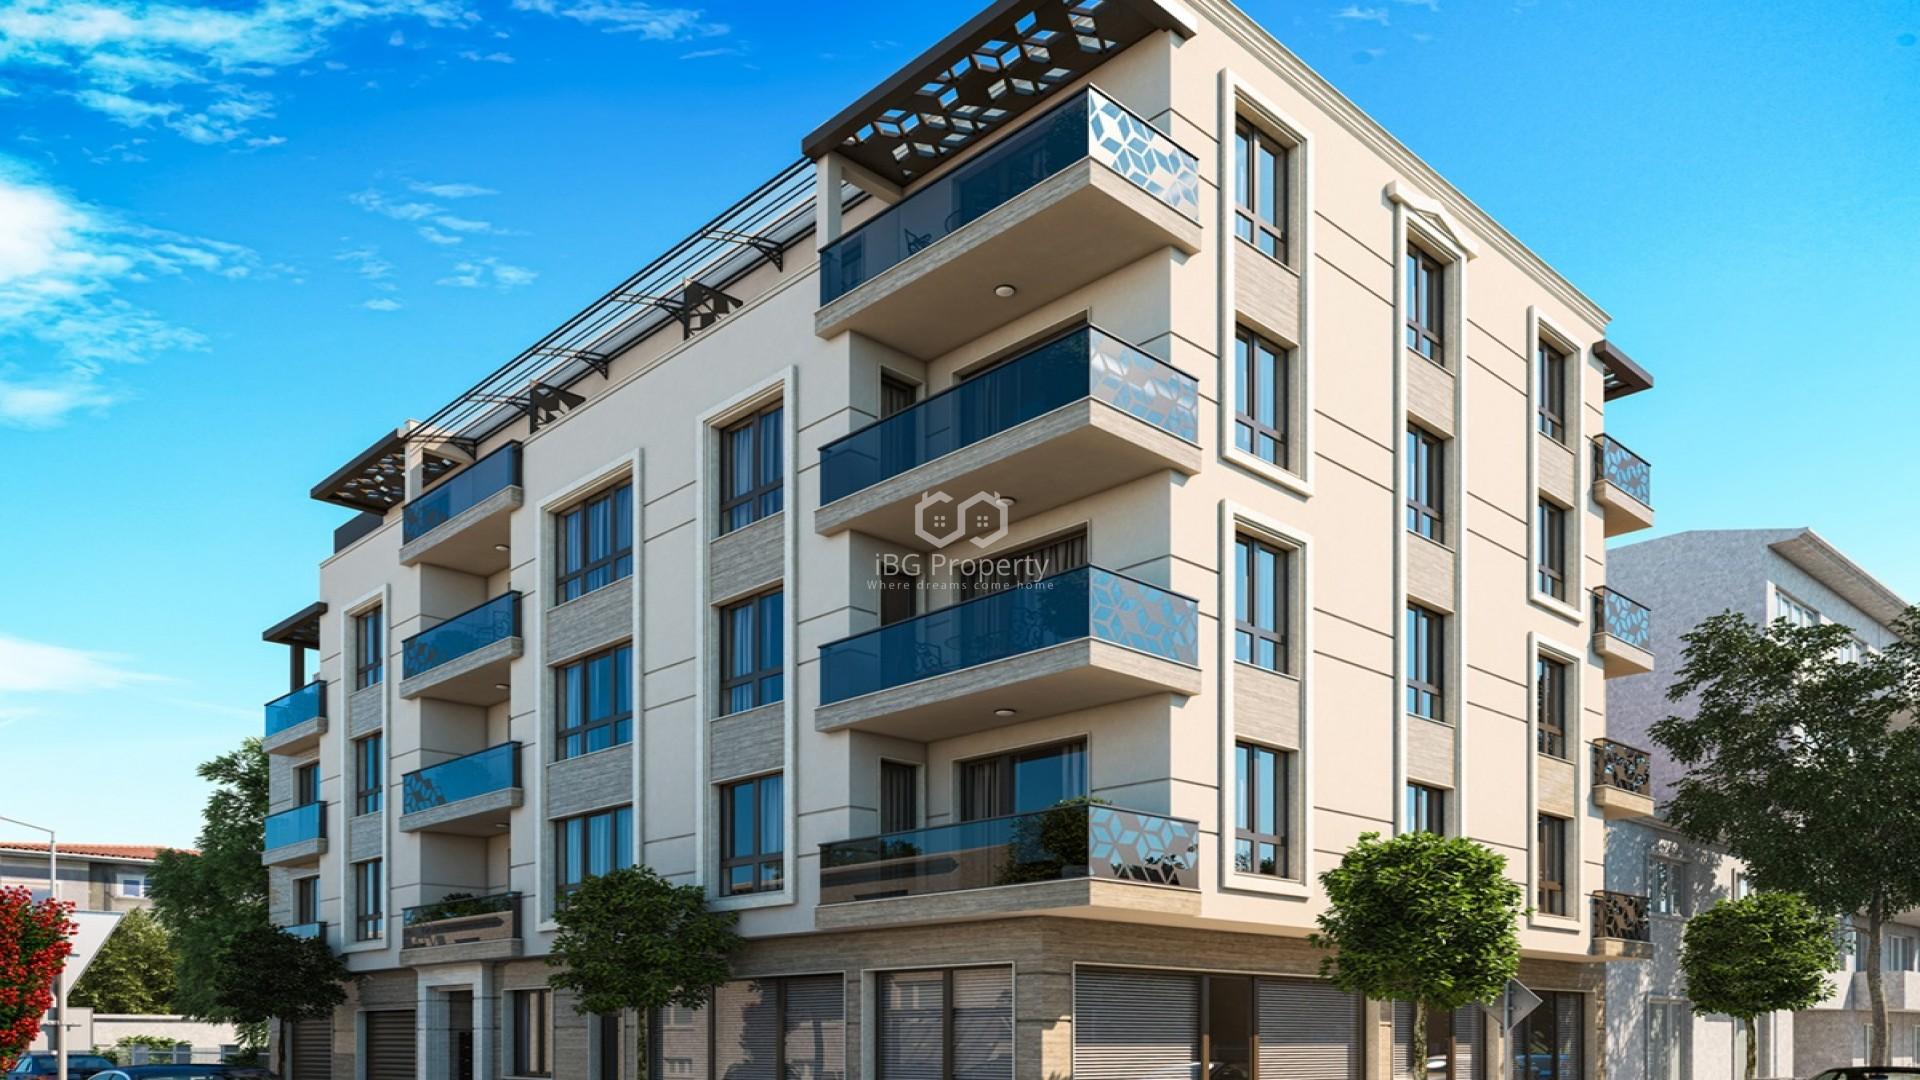 Eдностаен апартамент Поморие 33 m2